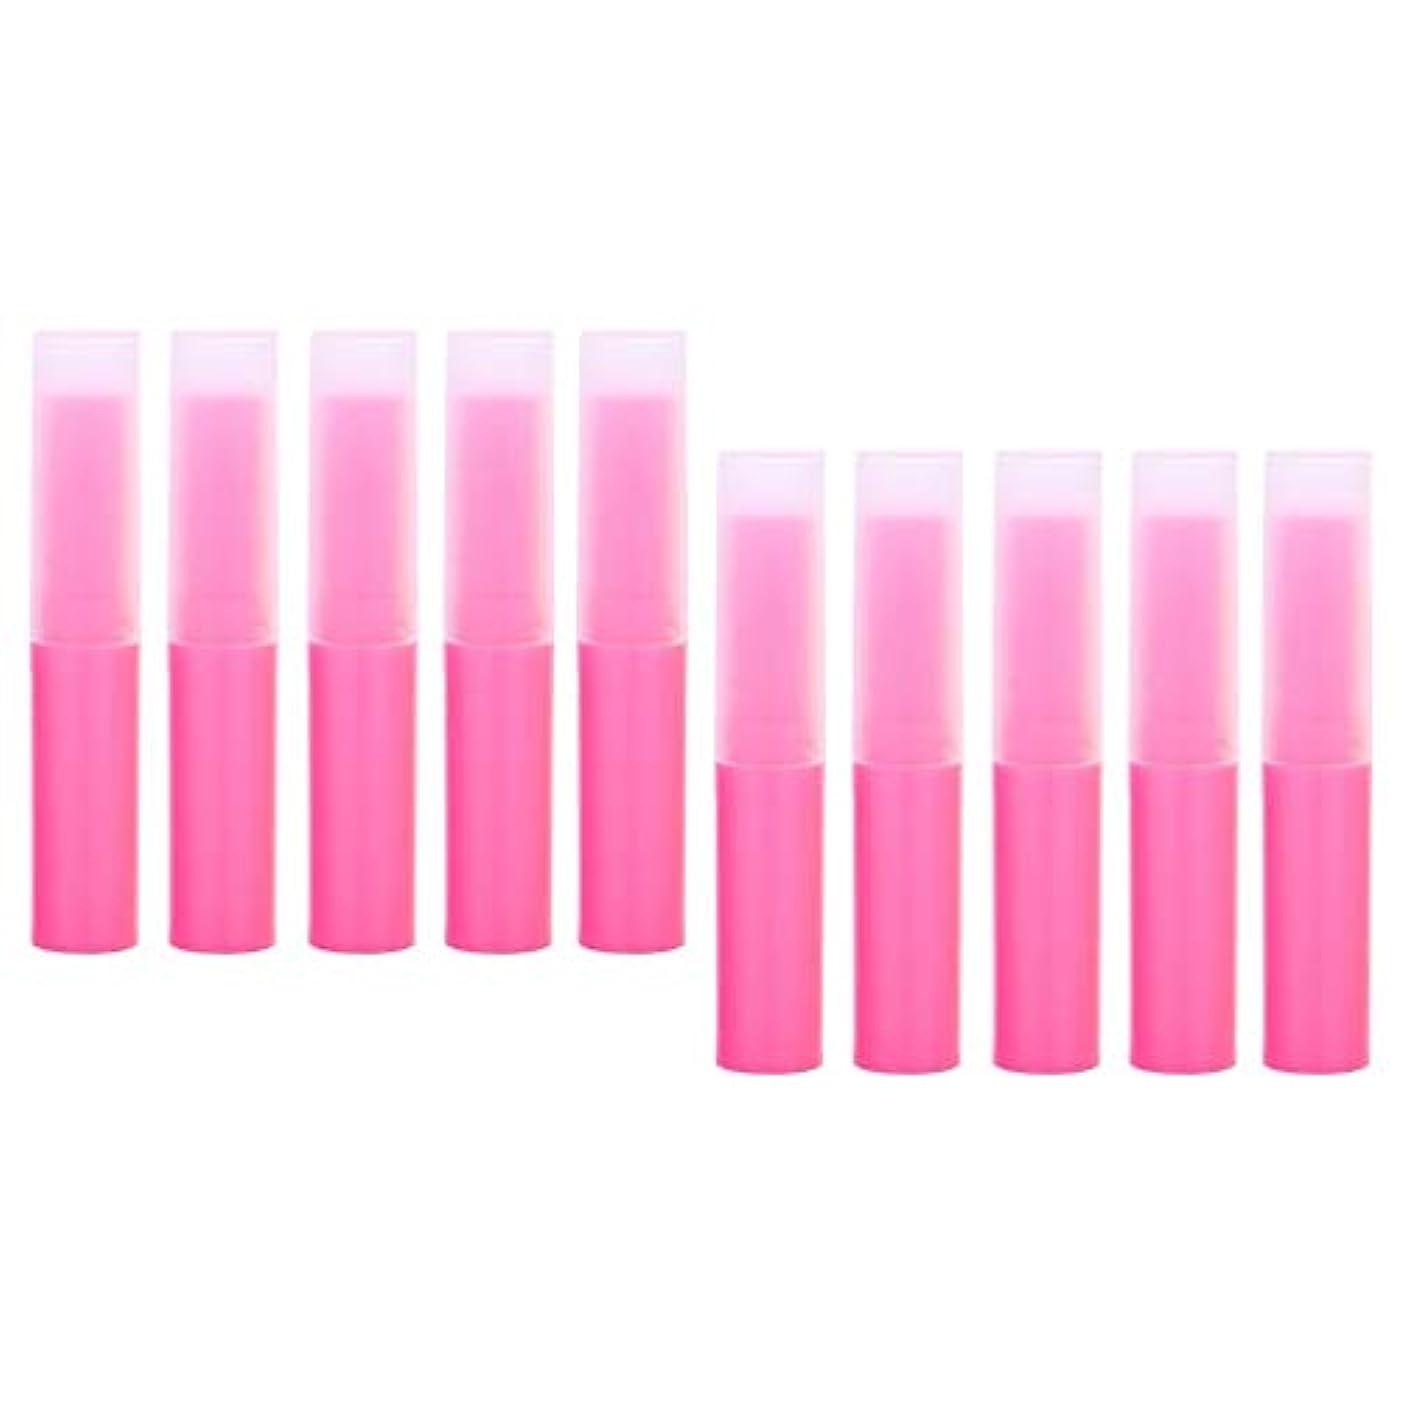 高度な責任赤道プラスチック製 リップクリーム容器 空チューブ 化粧品容器 詰替え容器 10個 全7色 - ピンク